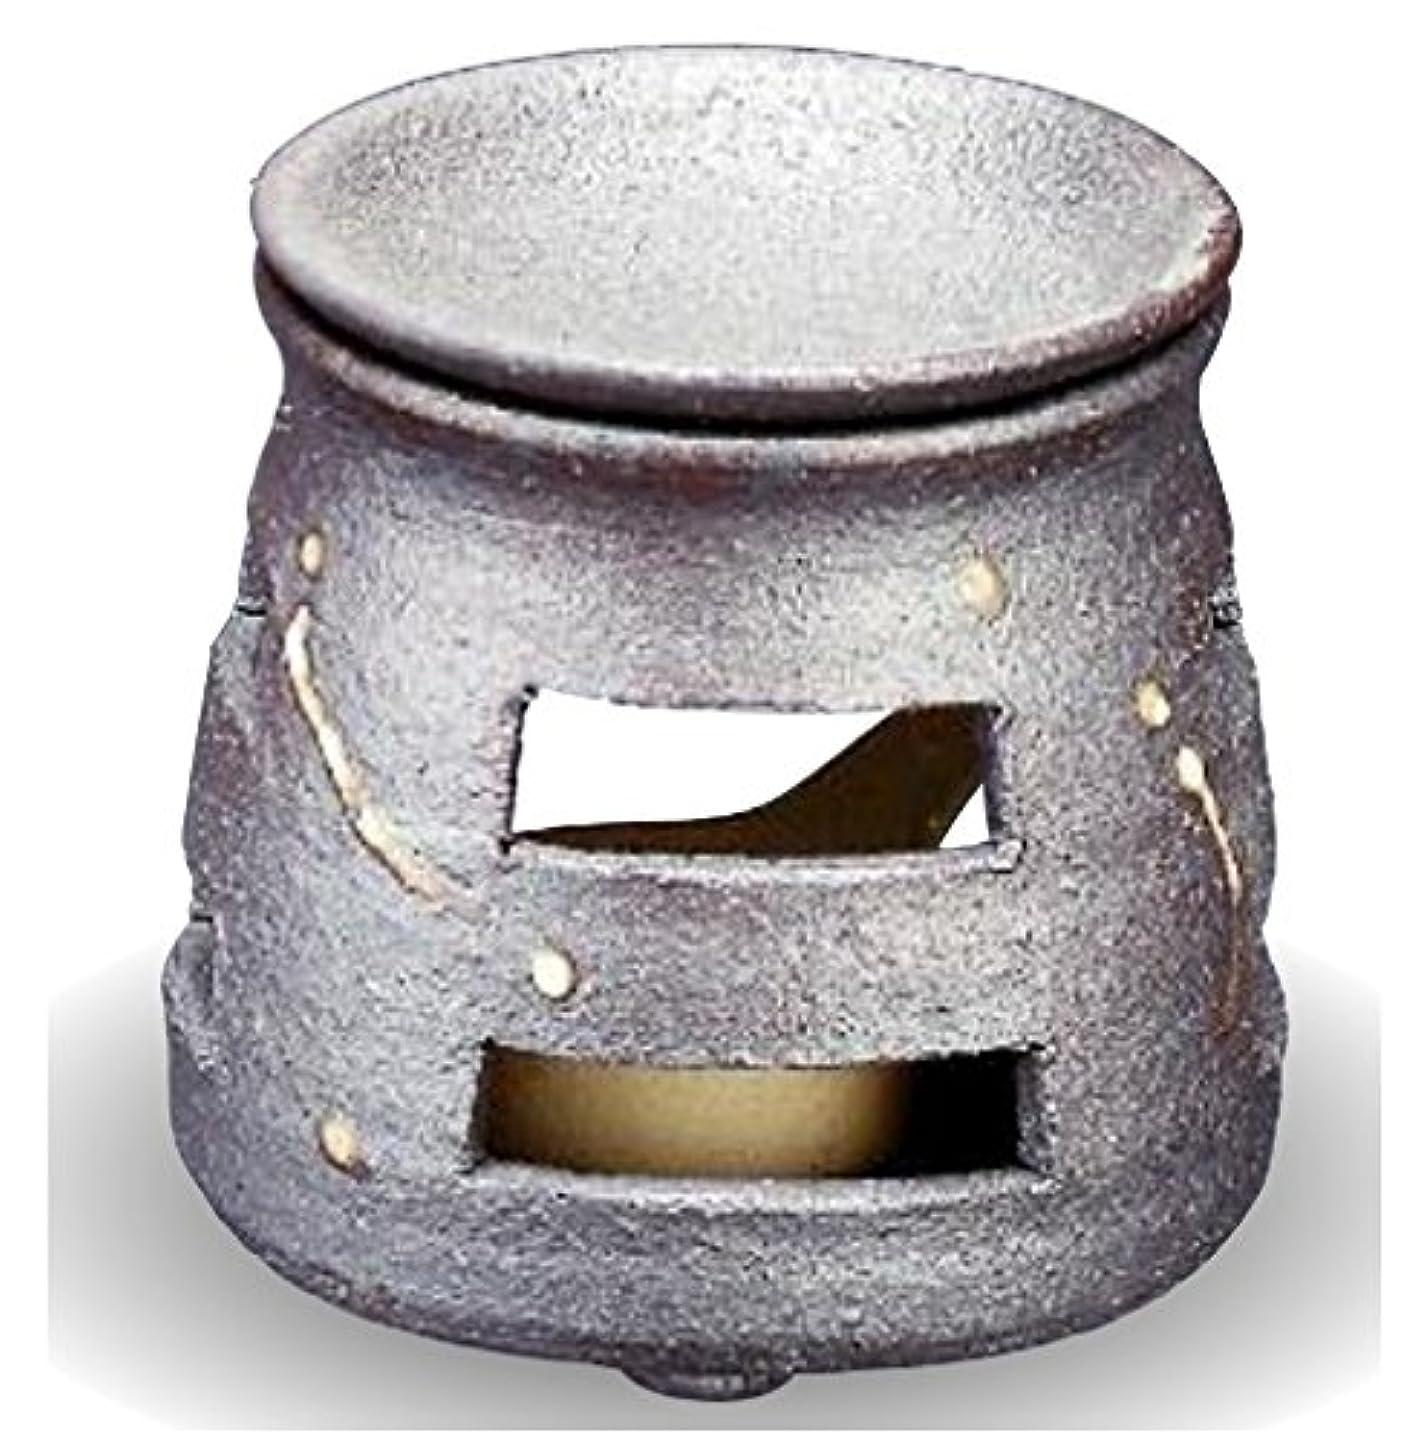 そっとまだら蜜常滑焼 茶香炉(アロマポット)径9×高さ10cm